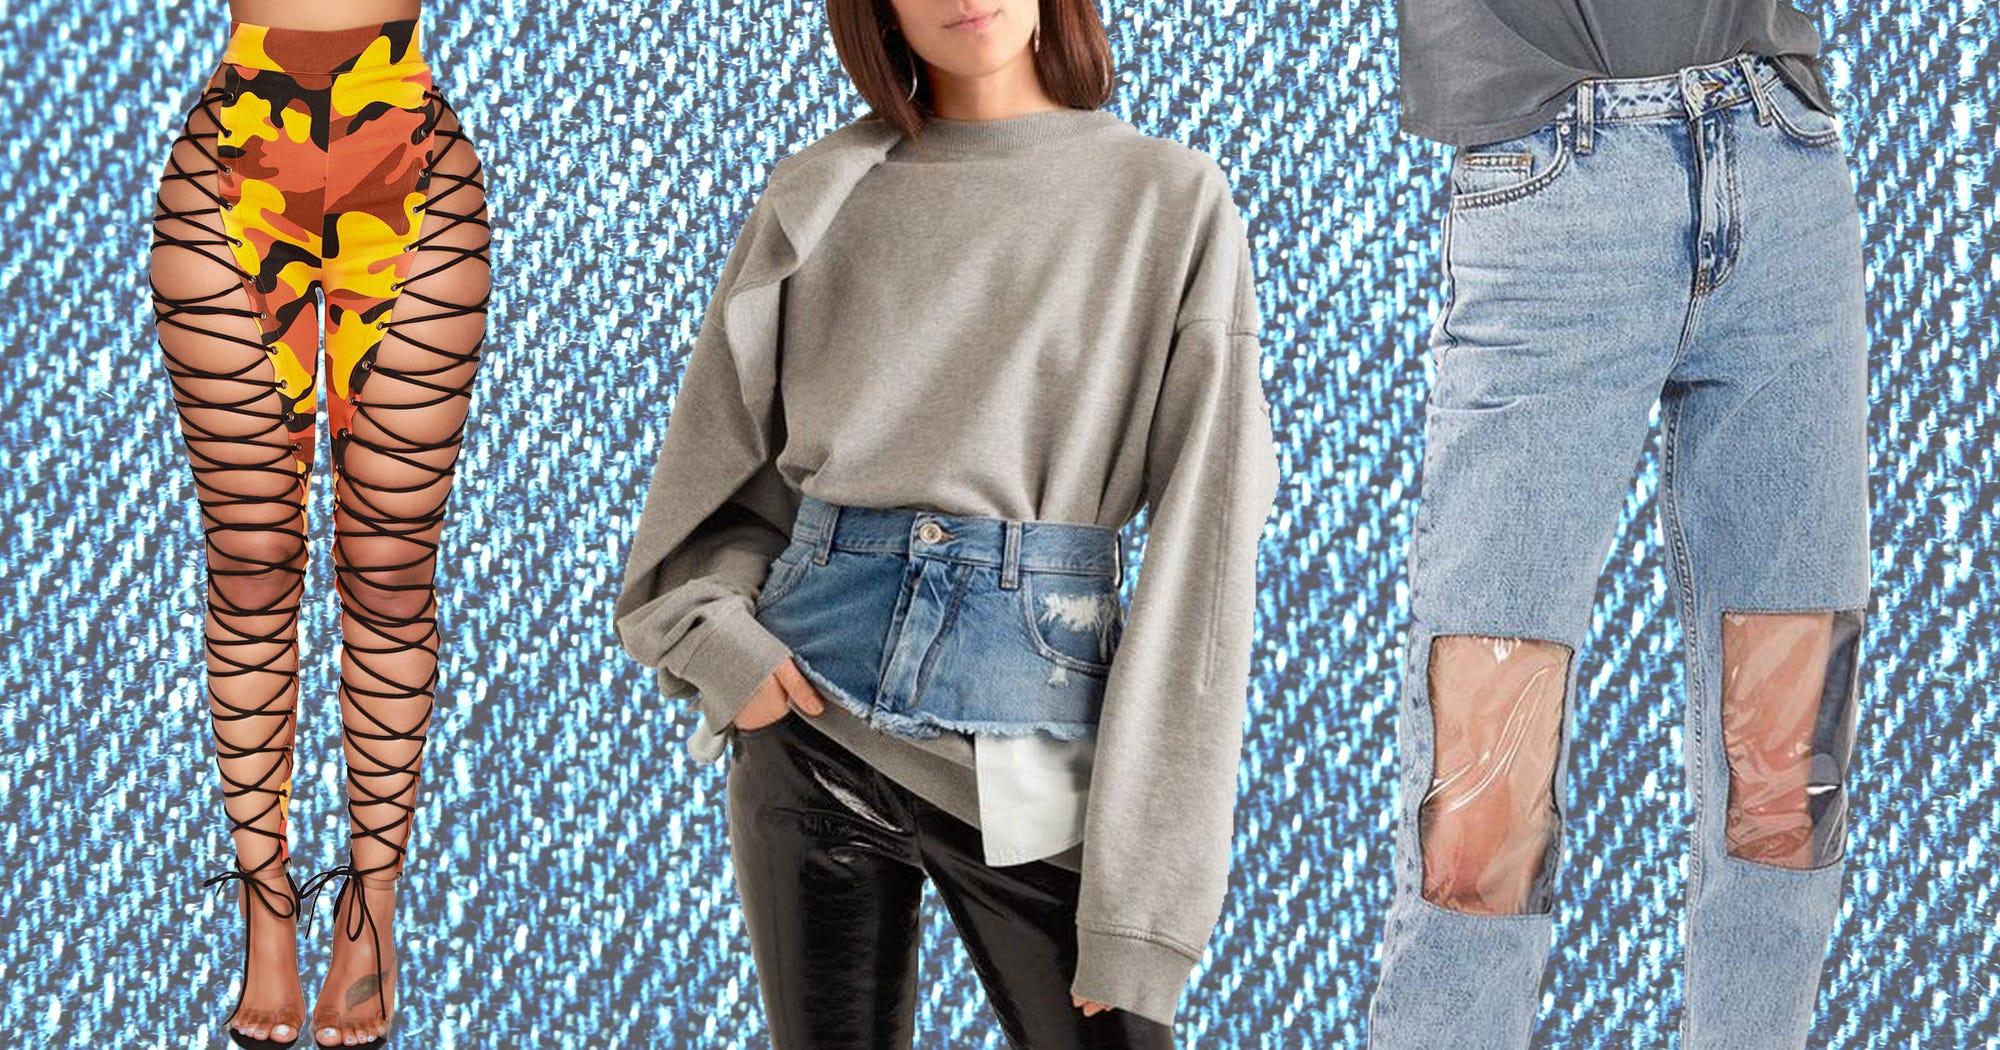 Trends Auf Auf Jeans Jeans Absurde Instagram Absurde Trends KcTJ13lF